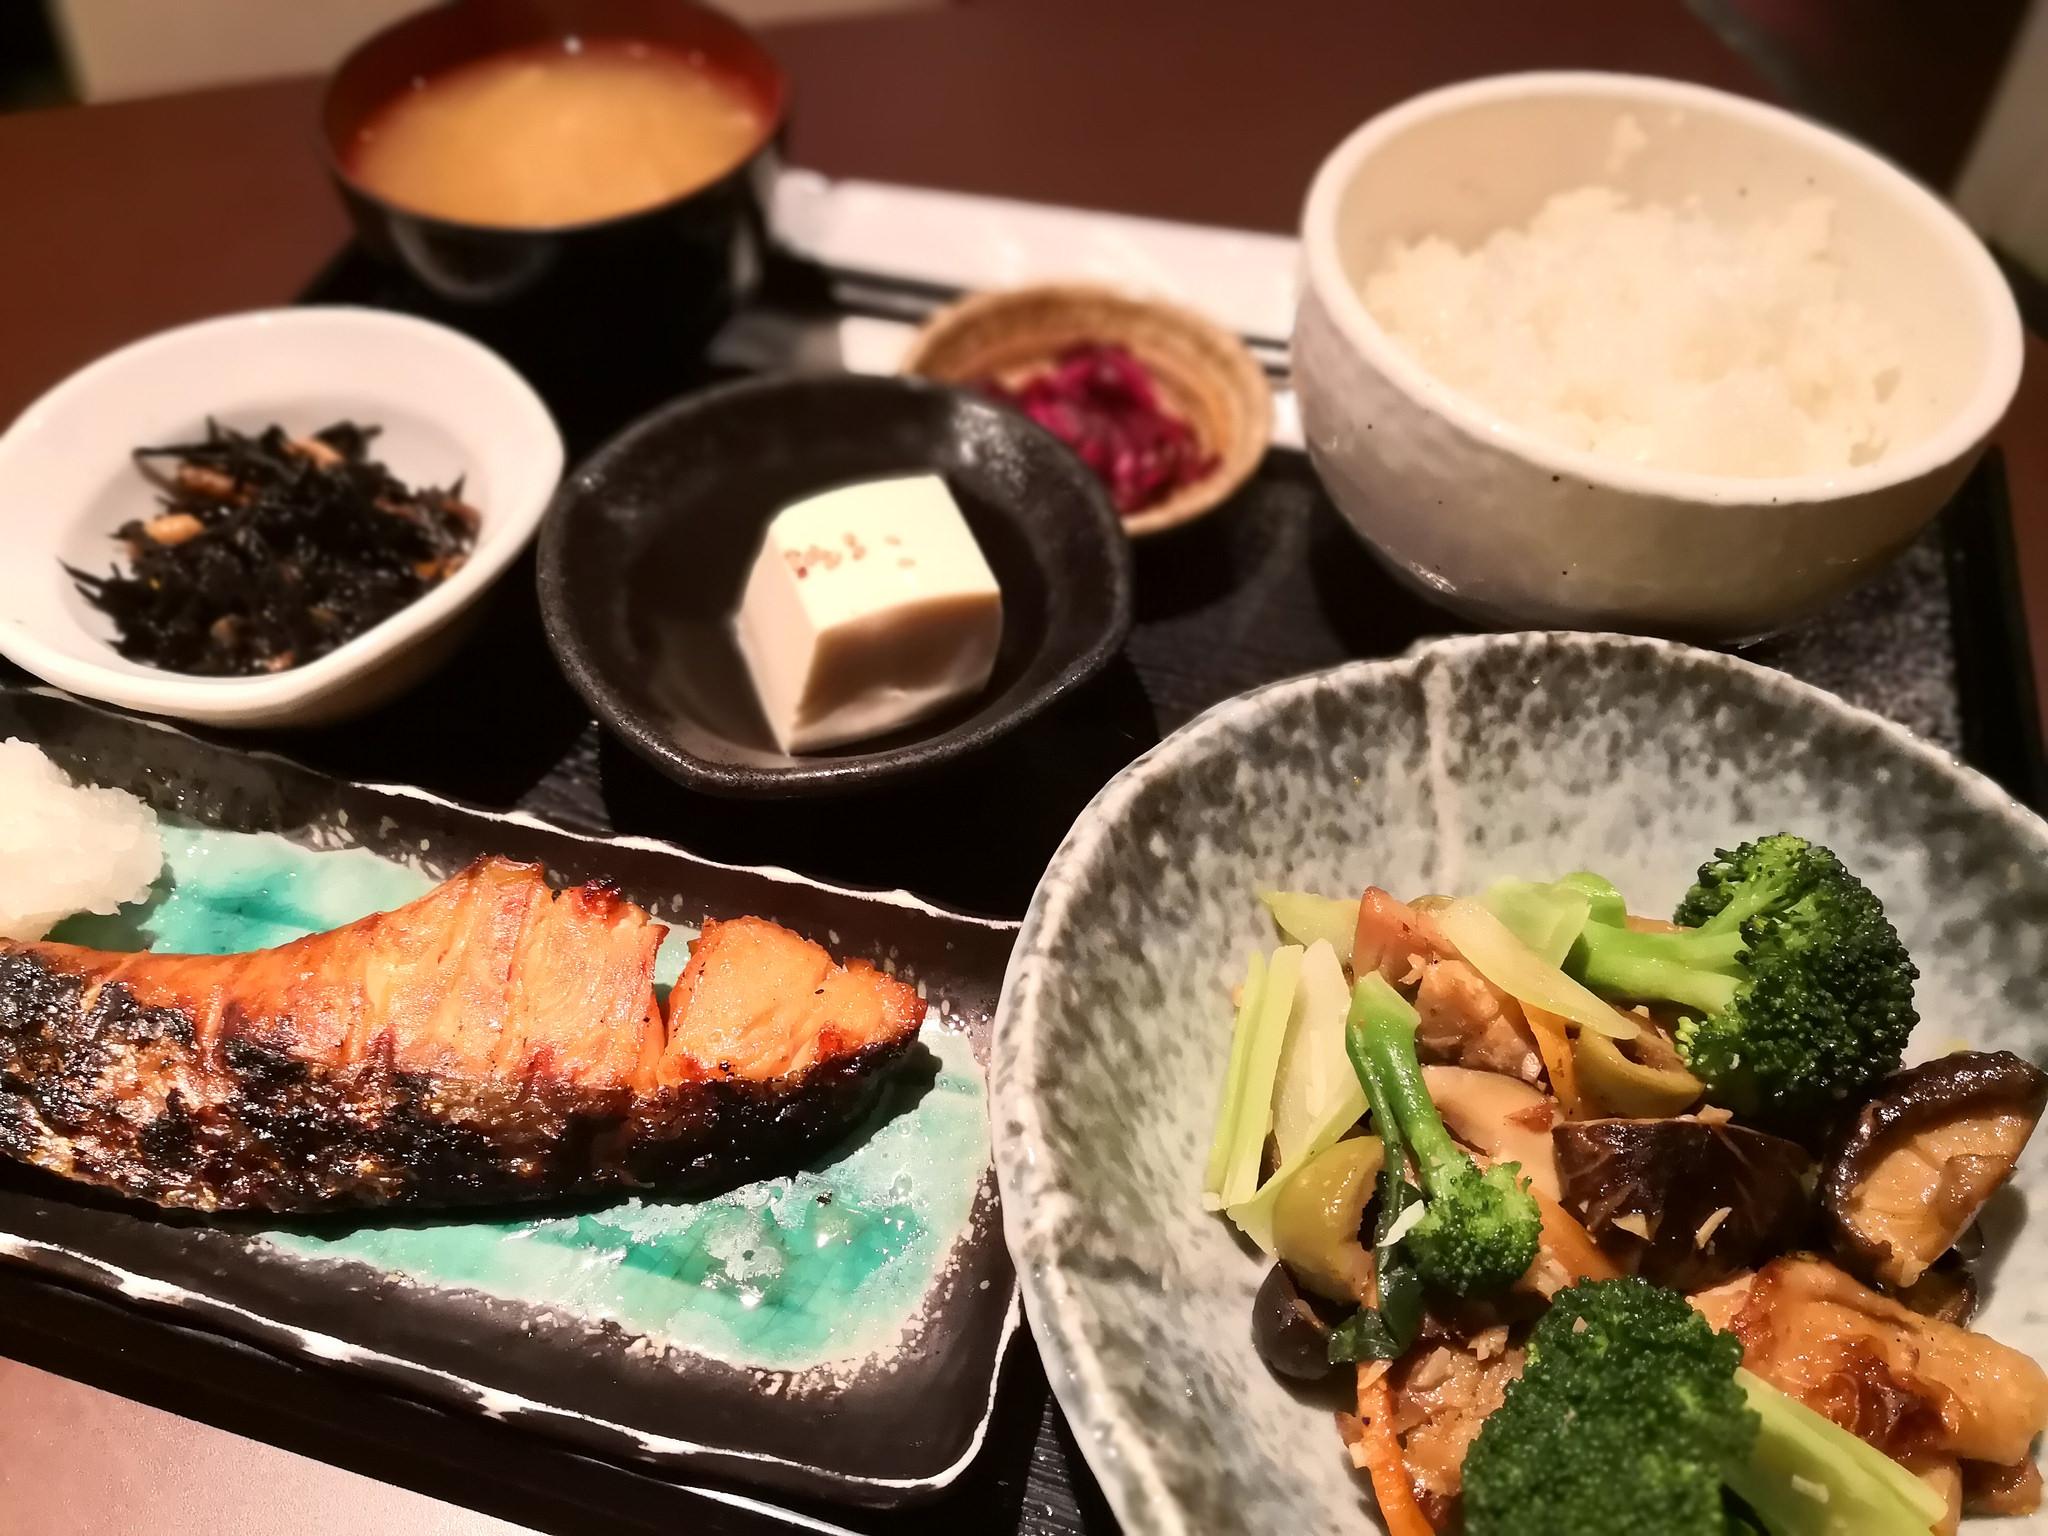 【五反田】花善@九州料理の居酒屋さんで具材がゴロゴロ、ボリュームランチ。